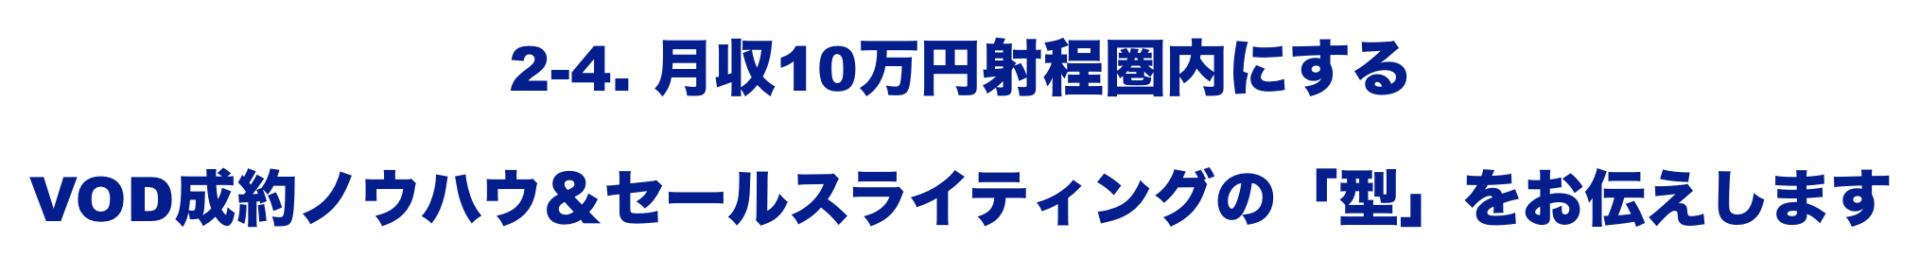 スクリーンショット 2020-07-31 8.54.32